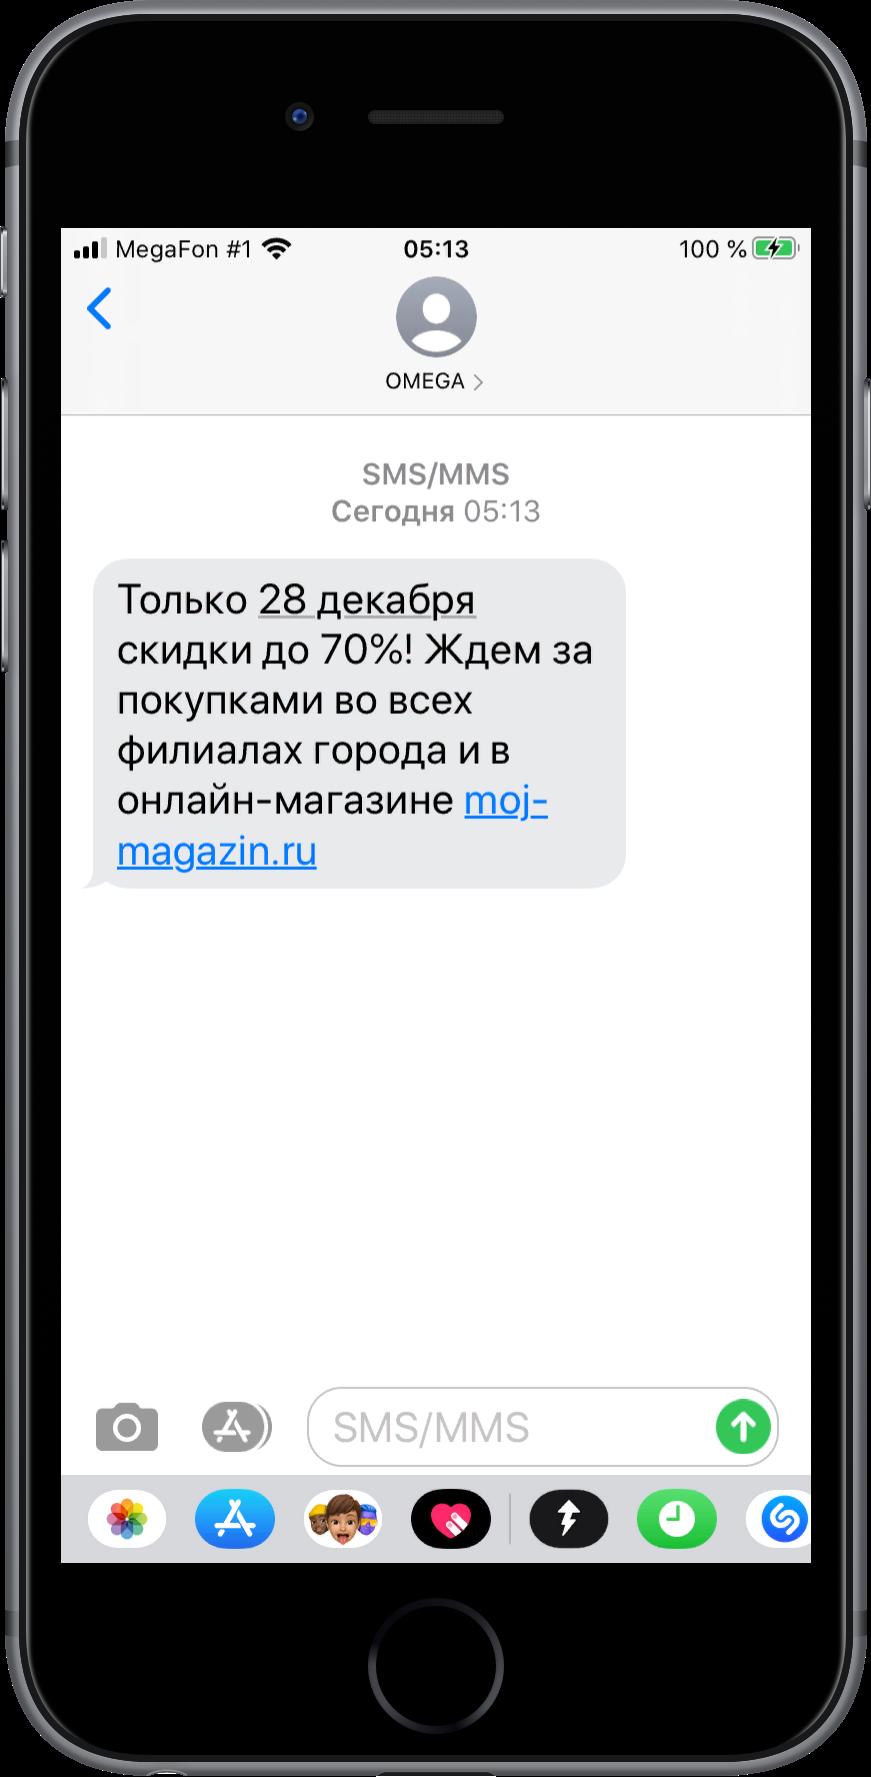 СМС-рассылки для привлечения клиентов